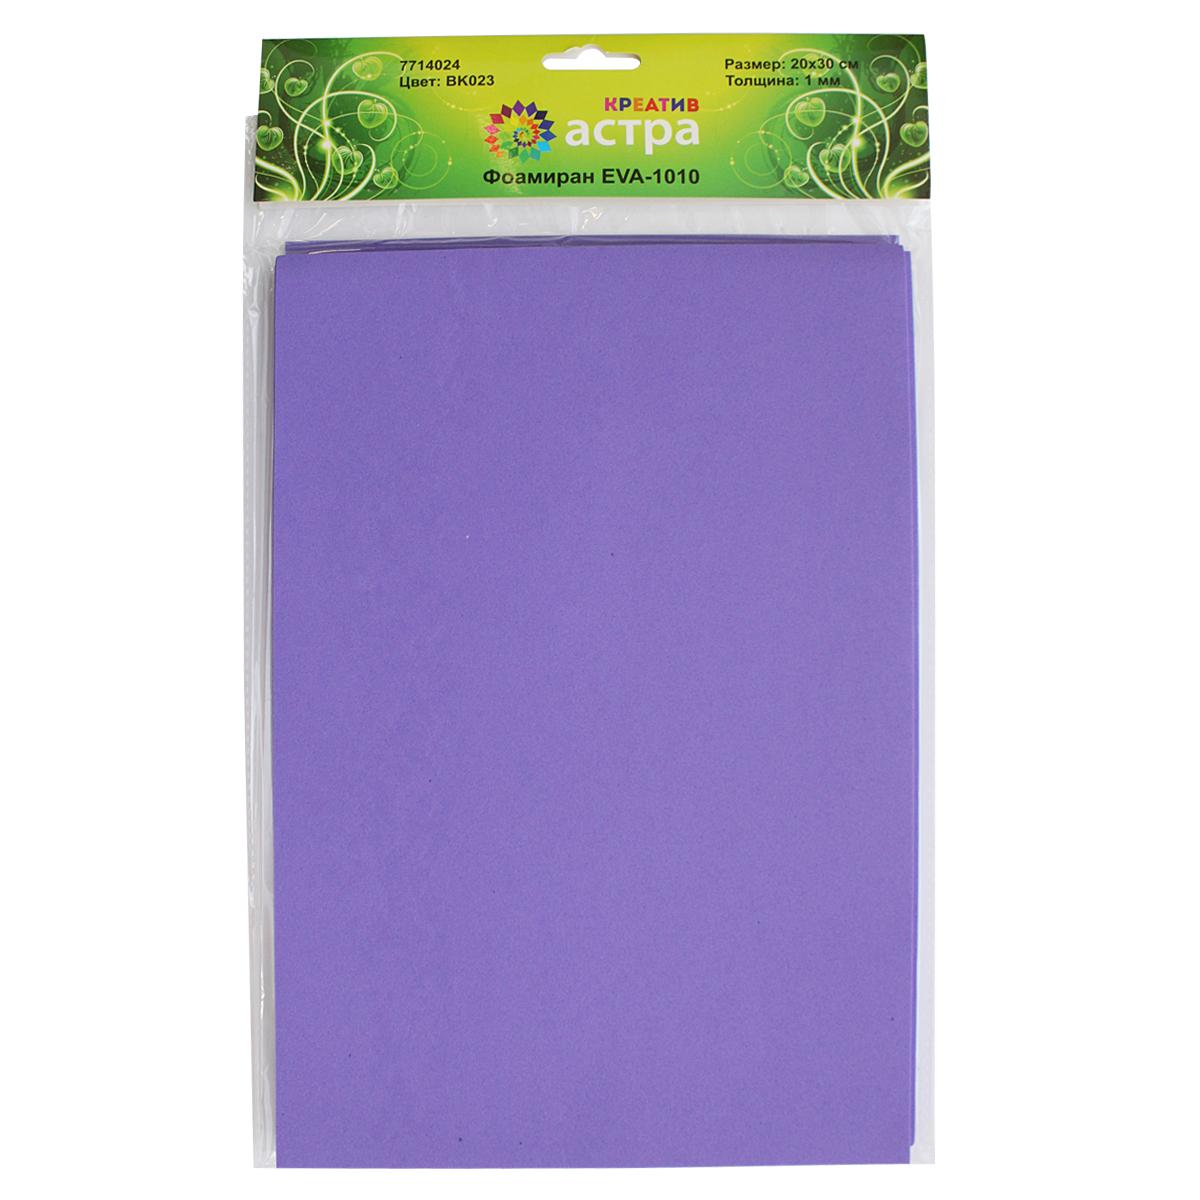 Фоамиран Астра, цвет: фиолетовый, 20 х 30 см, 10 шт7714024_BK023 фиолетовыйФоамиран Астра - это пластичная замша, ее можно применить для создания разнообразного вида декора: открытки, магнитики, цветы, забавные игрушки и т.д. Главная особенность материала фоамиран заключается в его способности к незначительному растяжению, которого вполне достаточно для «запоминания» изделием своей формы. На ощупь мягкая синтетическая замша очень приятна и податлива, поэтому работать с ней не составит труда даже начинающему. Размер ткани: 200 x 300 мм. В упаковке 10 штук.